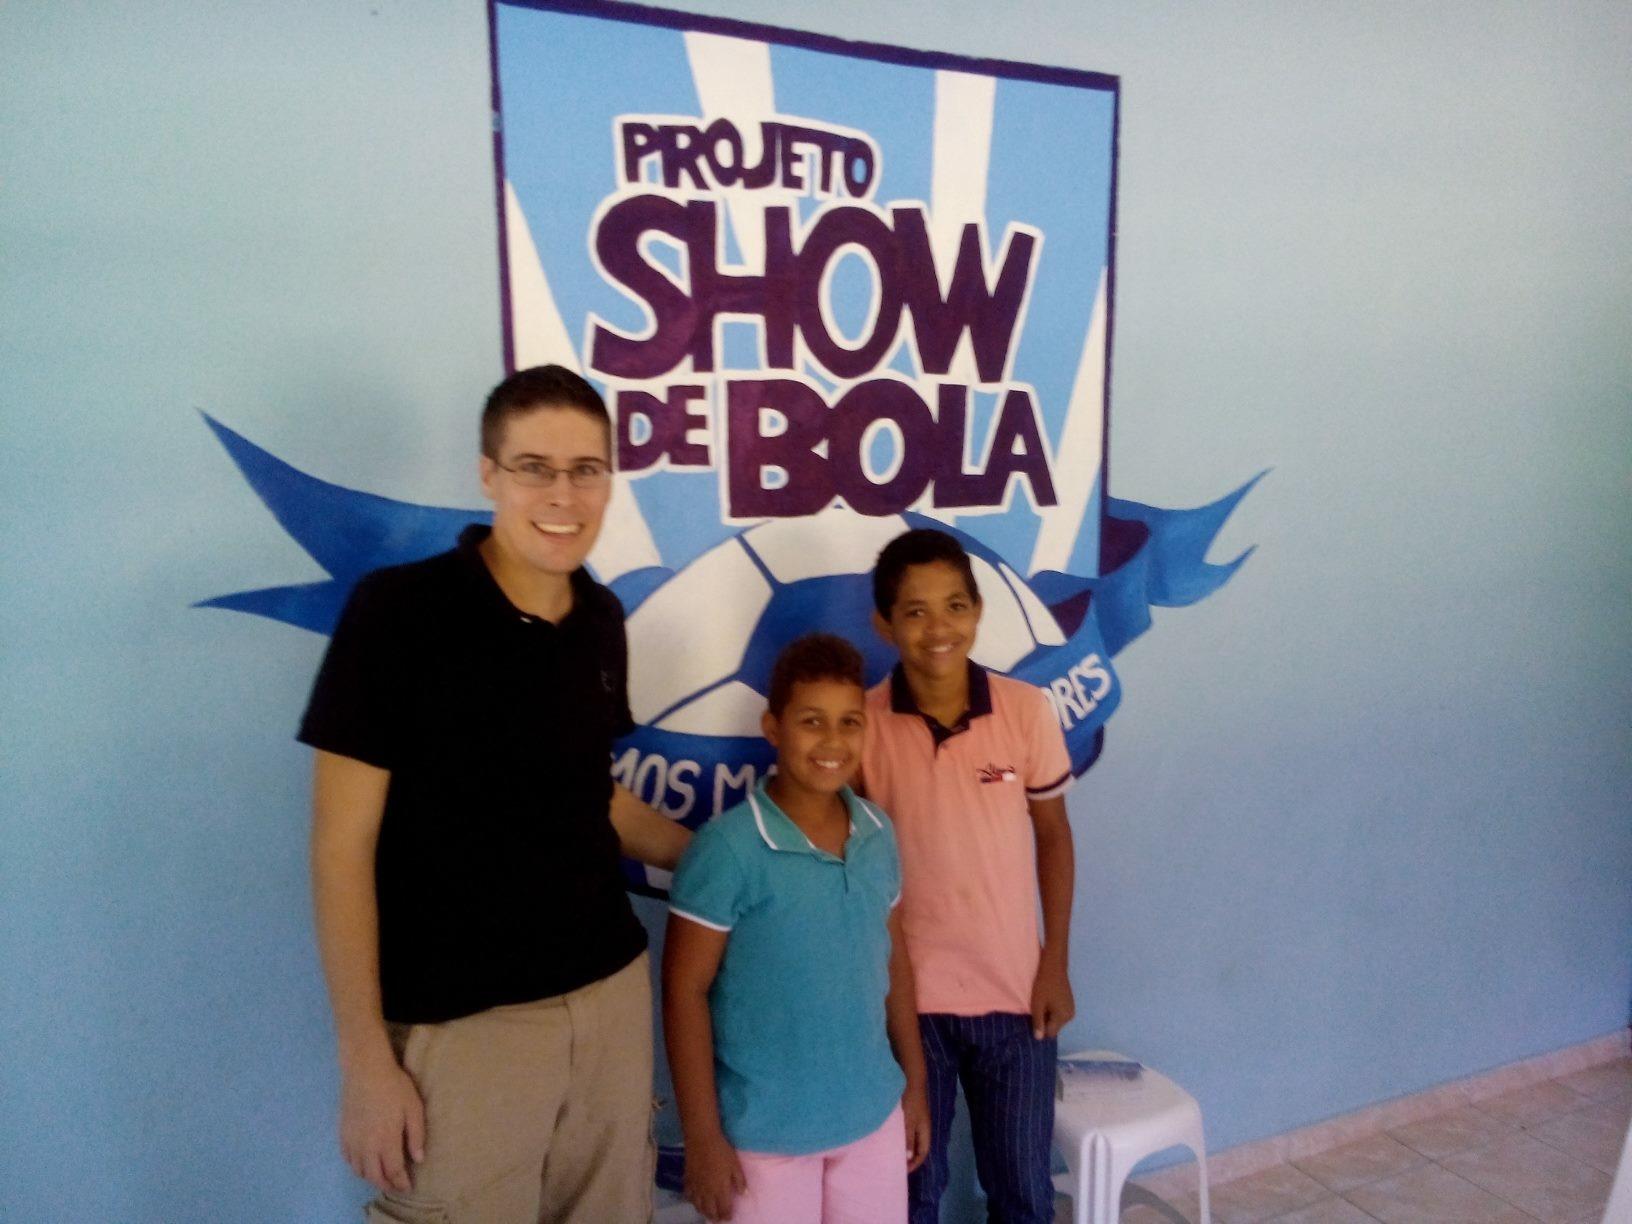 Show de Bola: Wunderbare Zeit mit Maycom & Leonardo